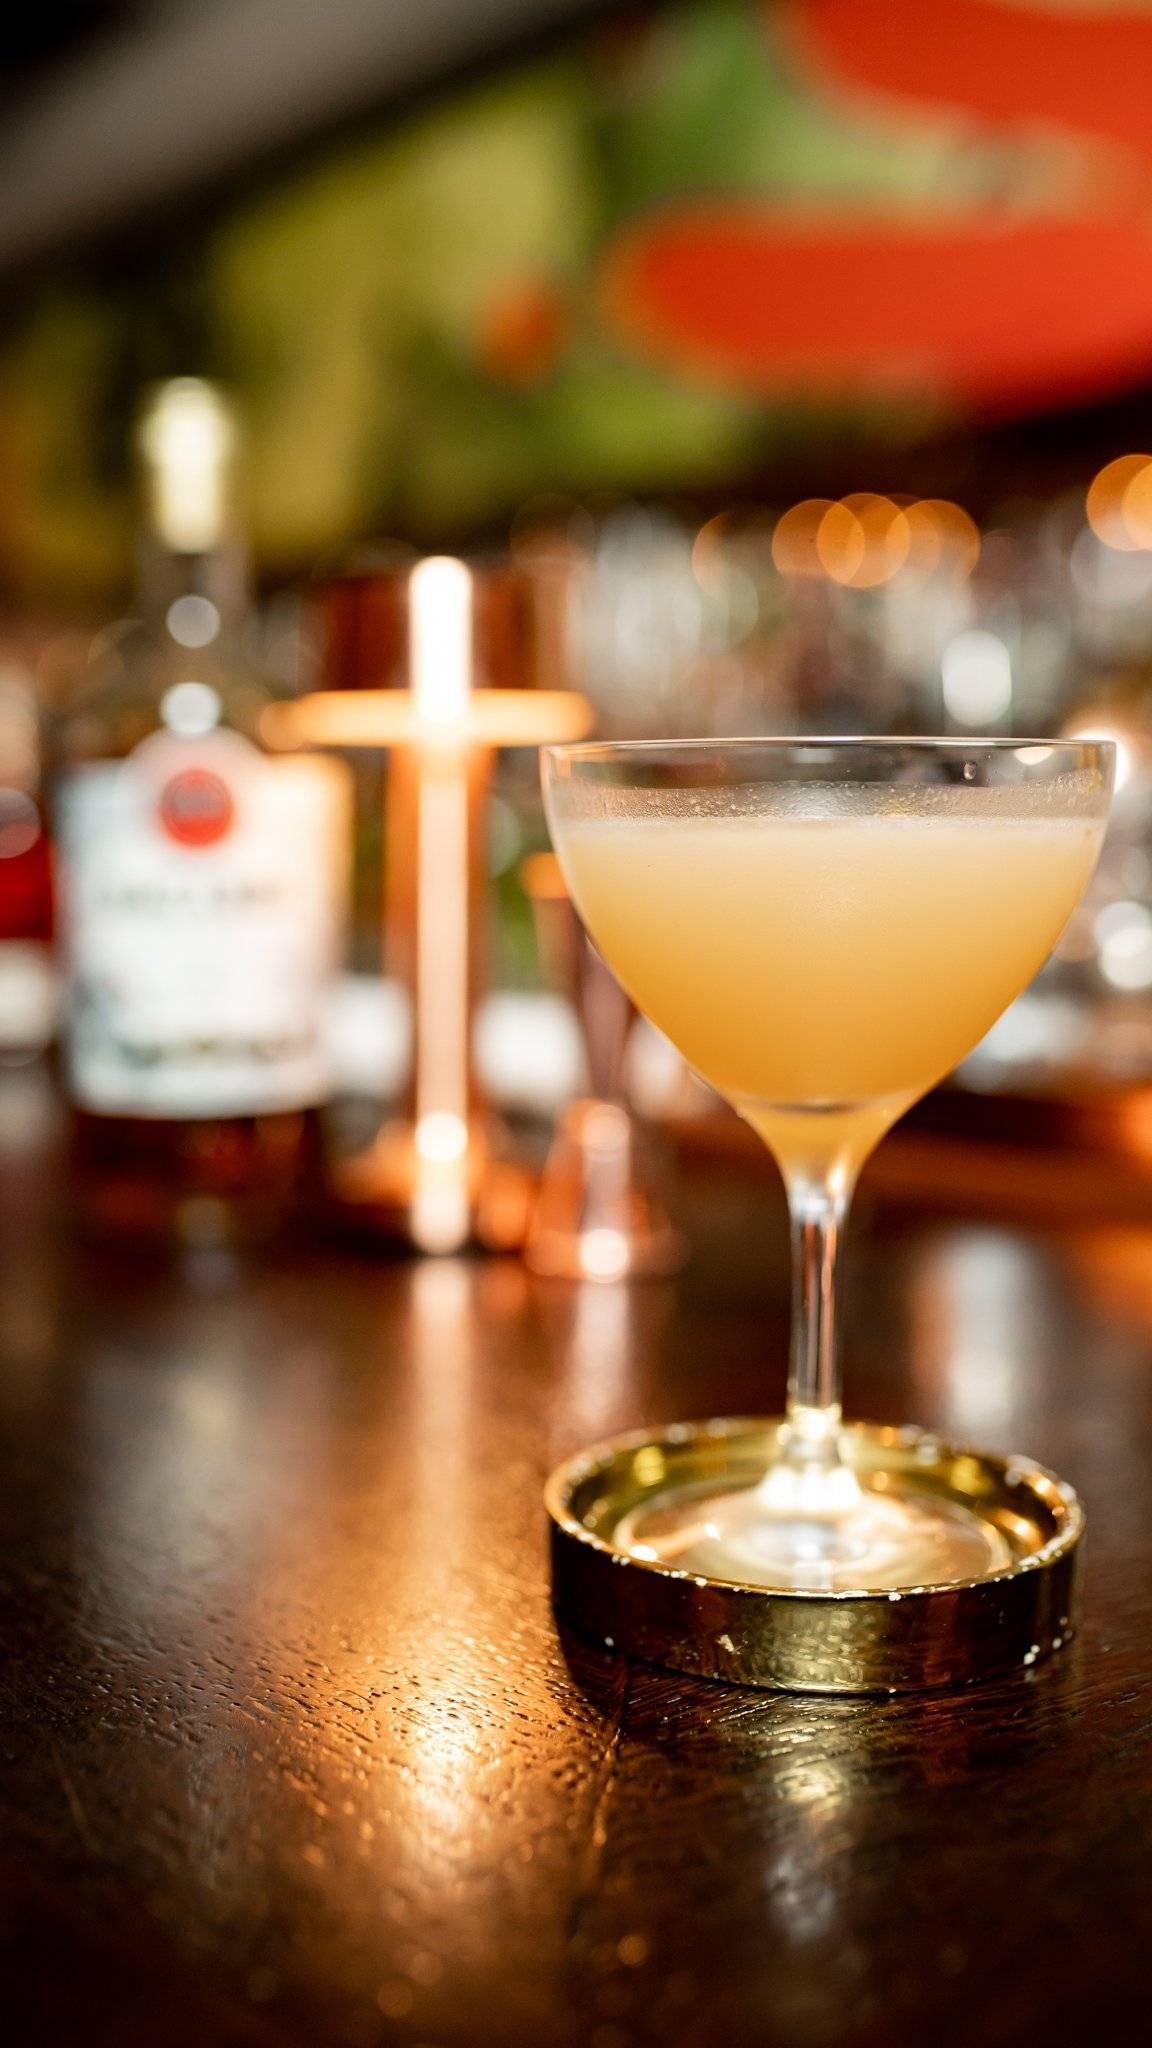 Golden Family es el nombre del cóctel del bartender.